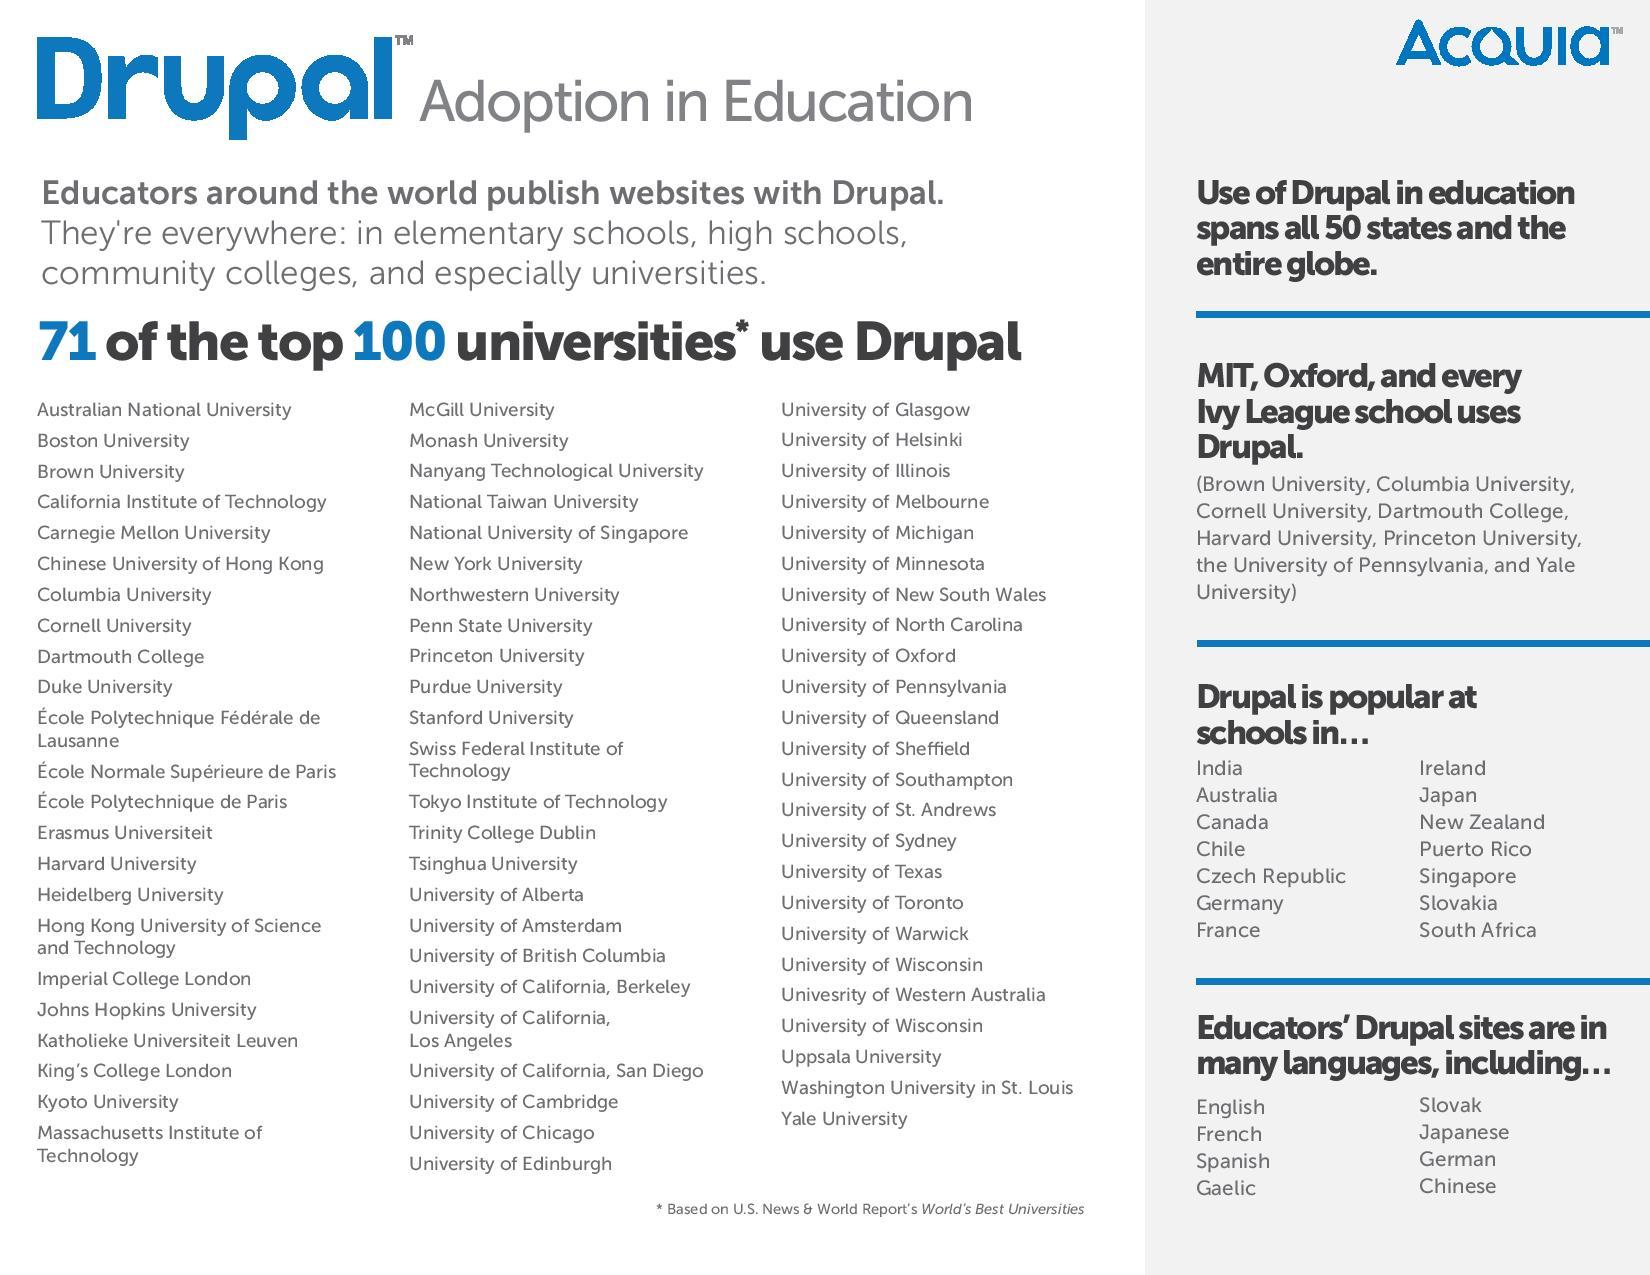 全球100名顶尖高校中有71所使用Drupal